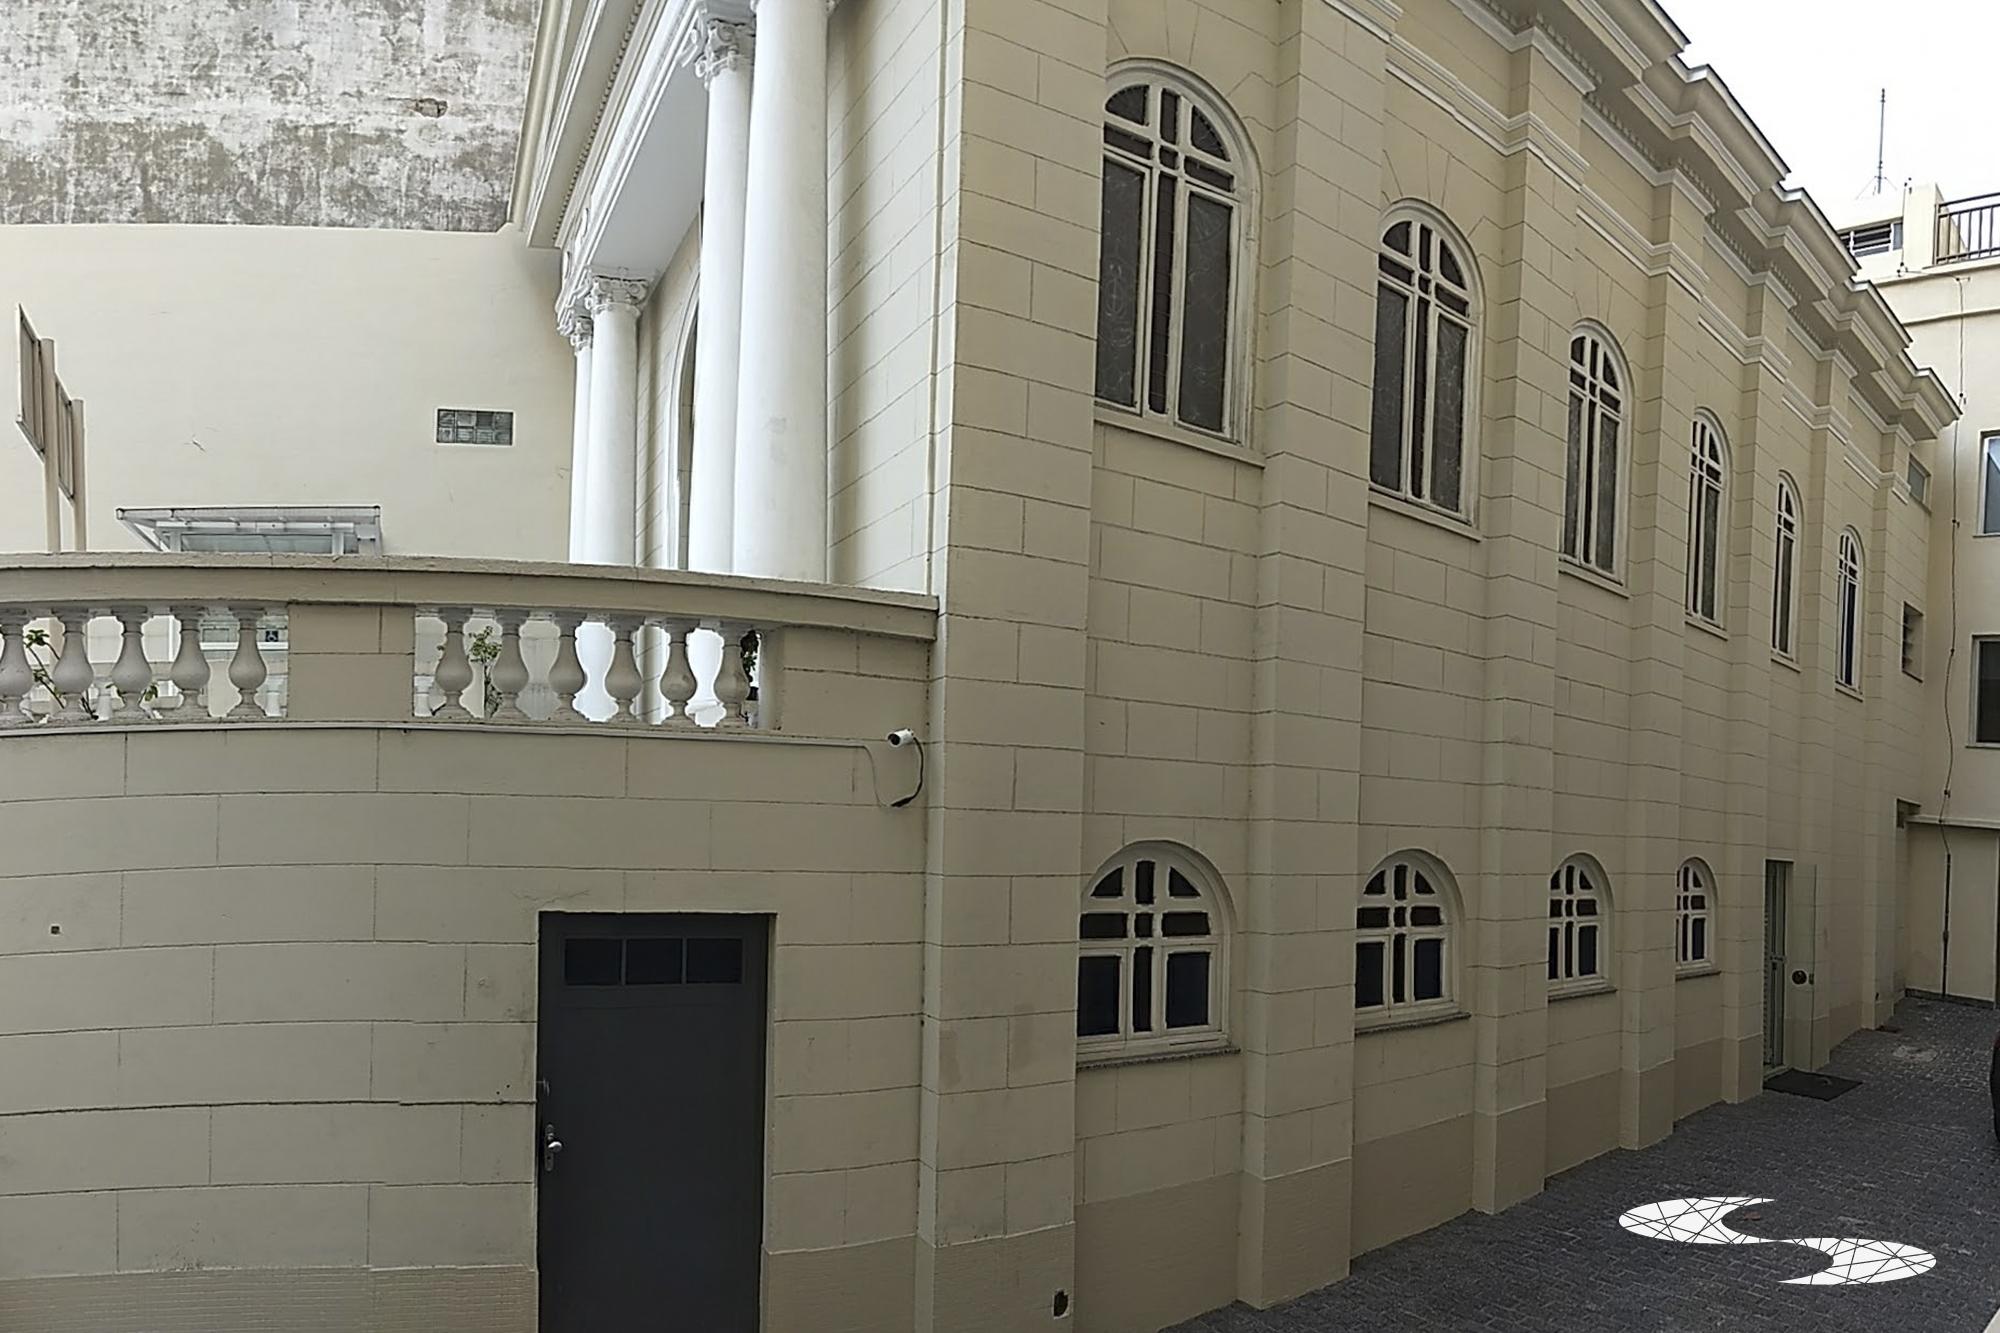 _02 - fachada lateral